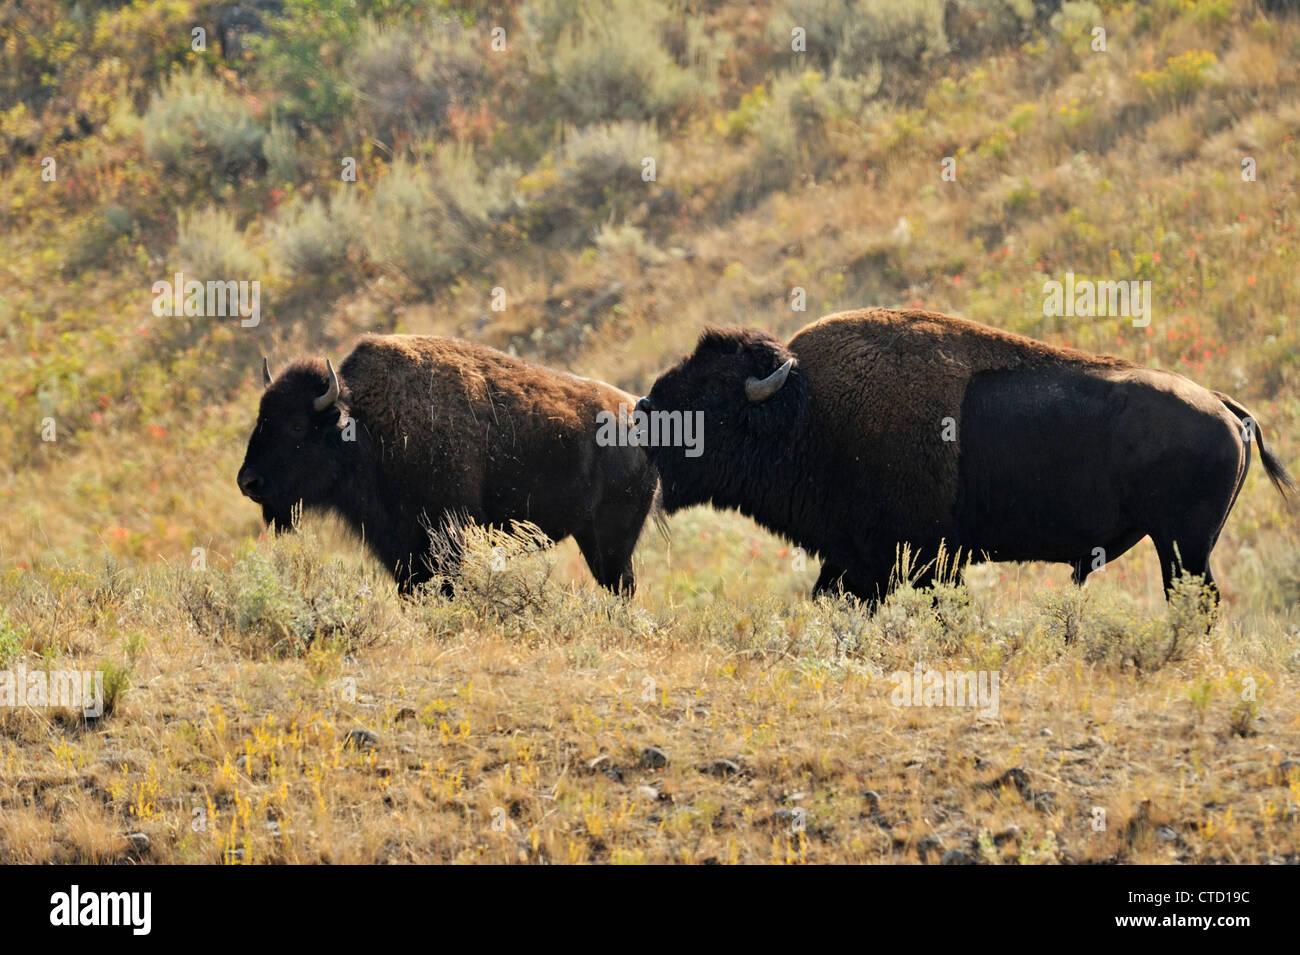 Amerikanische Bisons (Bison Bison) Stier und Kuh in Furche, Yellowstone- Nationalpark, Wyoming, USA ca3323c2ae